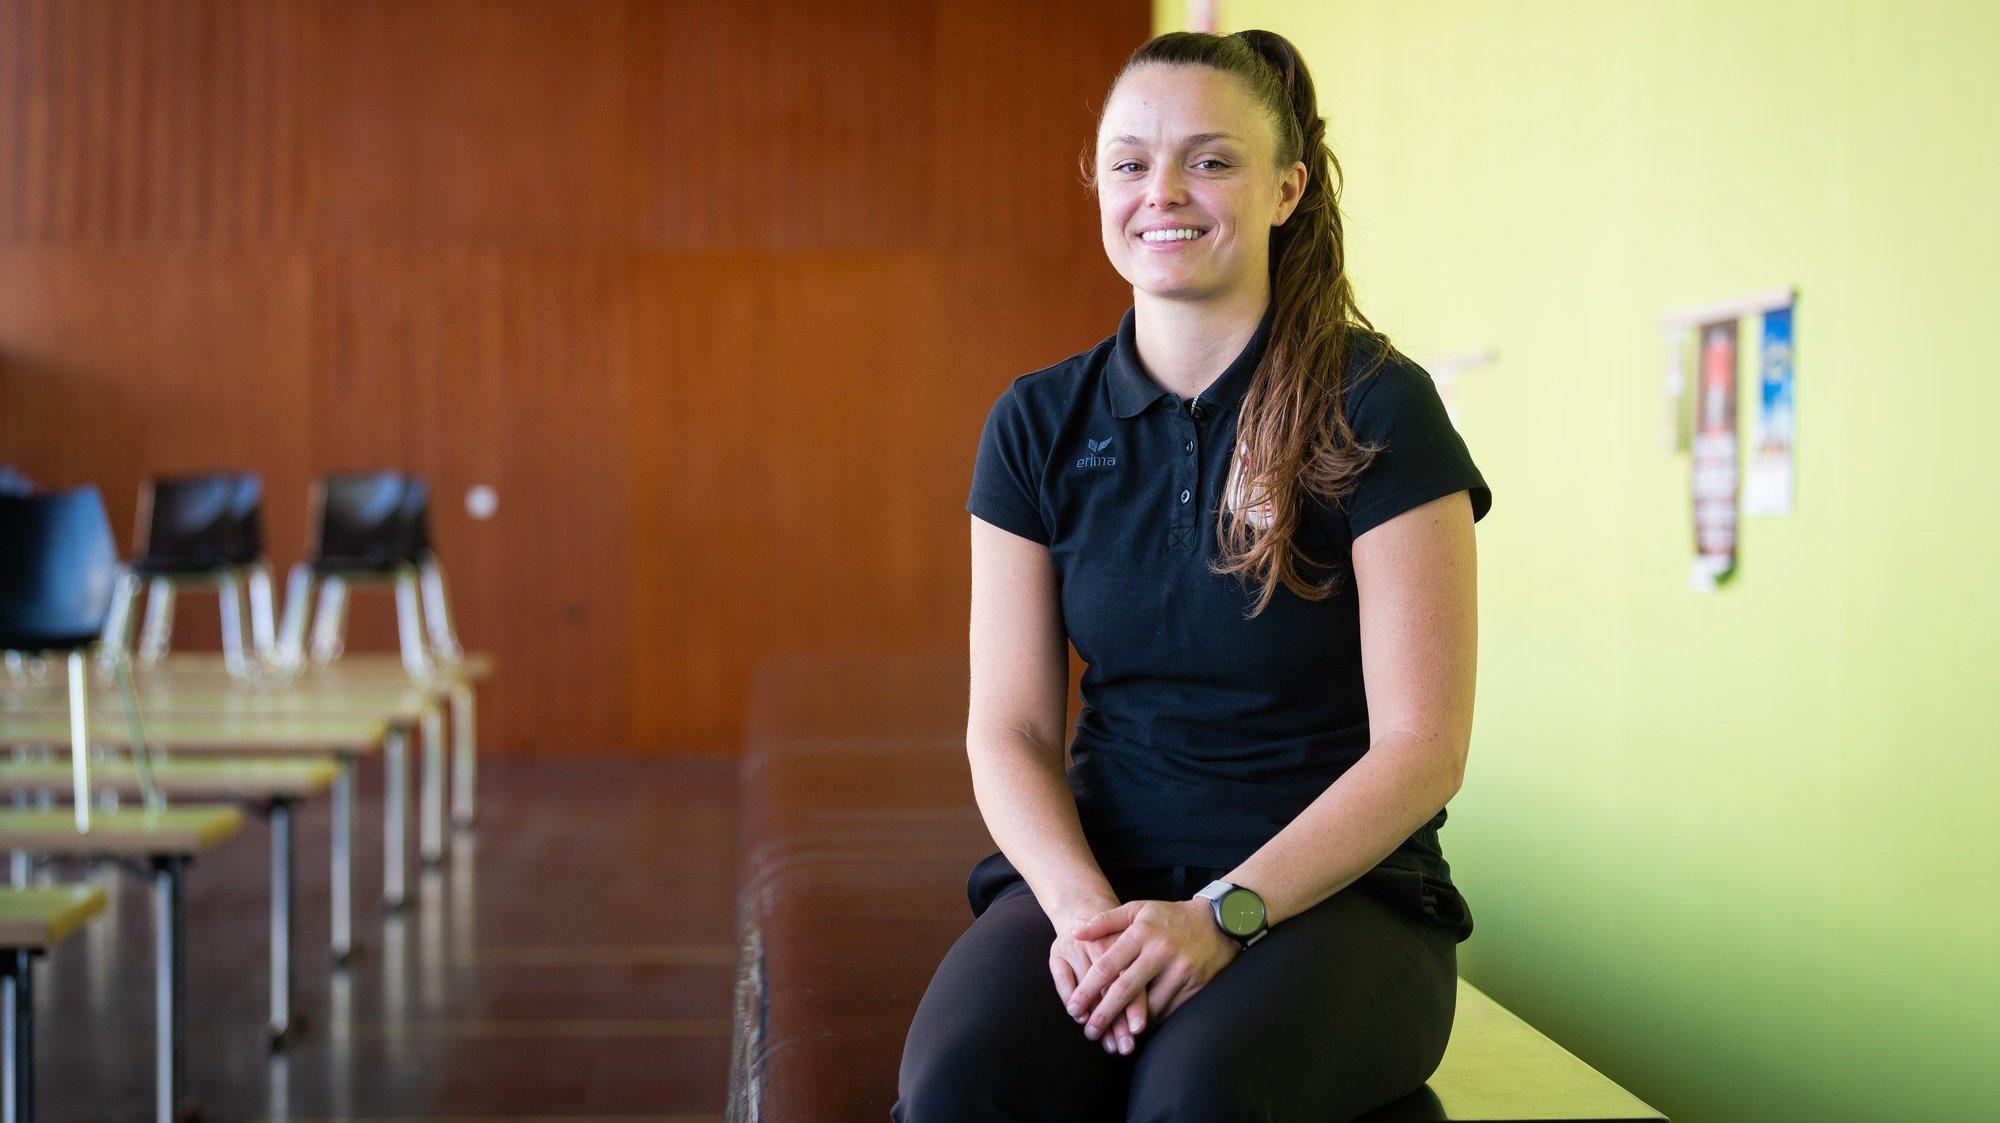 Lauren Bertolacci estime que son équipe doit élever son niveau de jeu pour valider sa qualification au prochain tour.